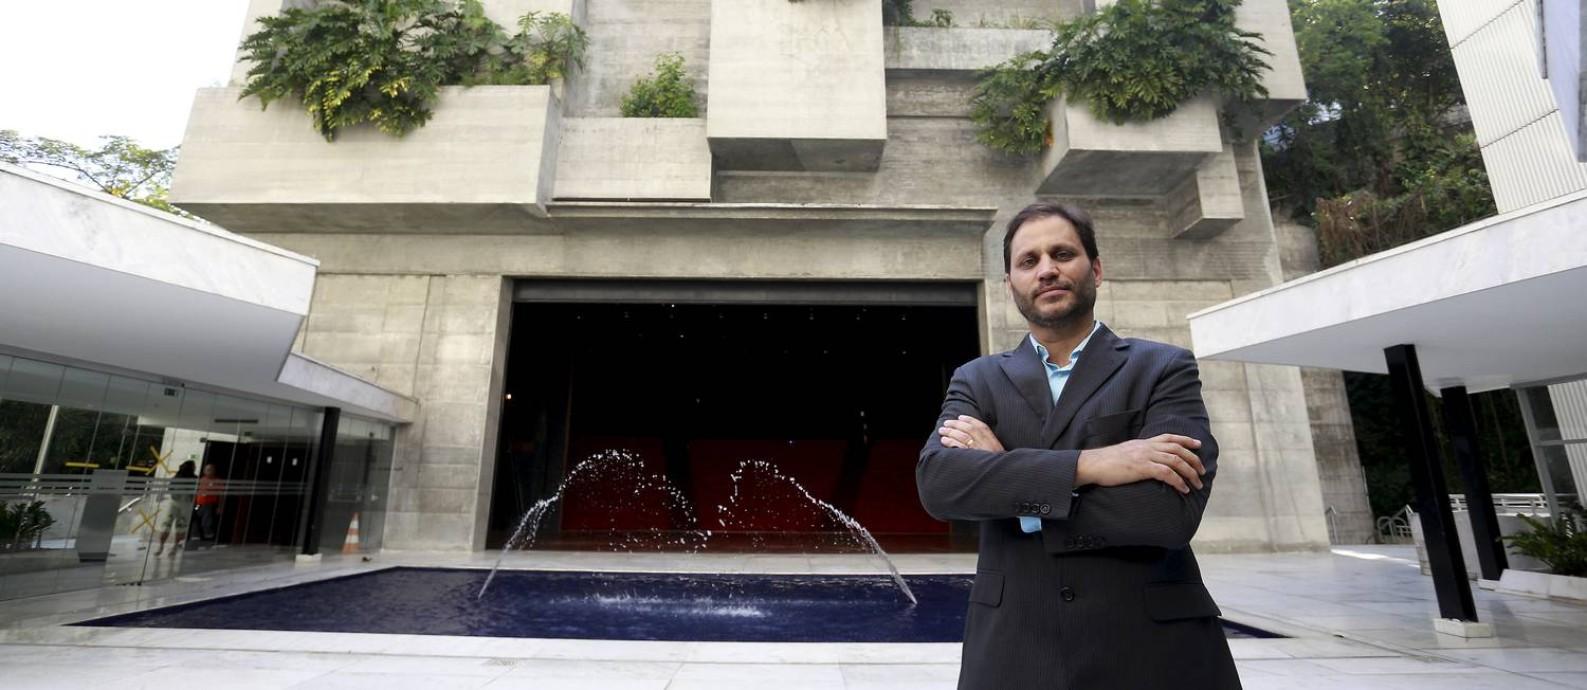 Bisneto de Niemeyer, Paulo Sérgio organiza o fórum com painéis que acontecerão no Teatro Adolpho Bloch Foto: Marcelo Theobald / Agência O Globo